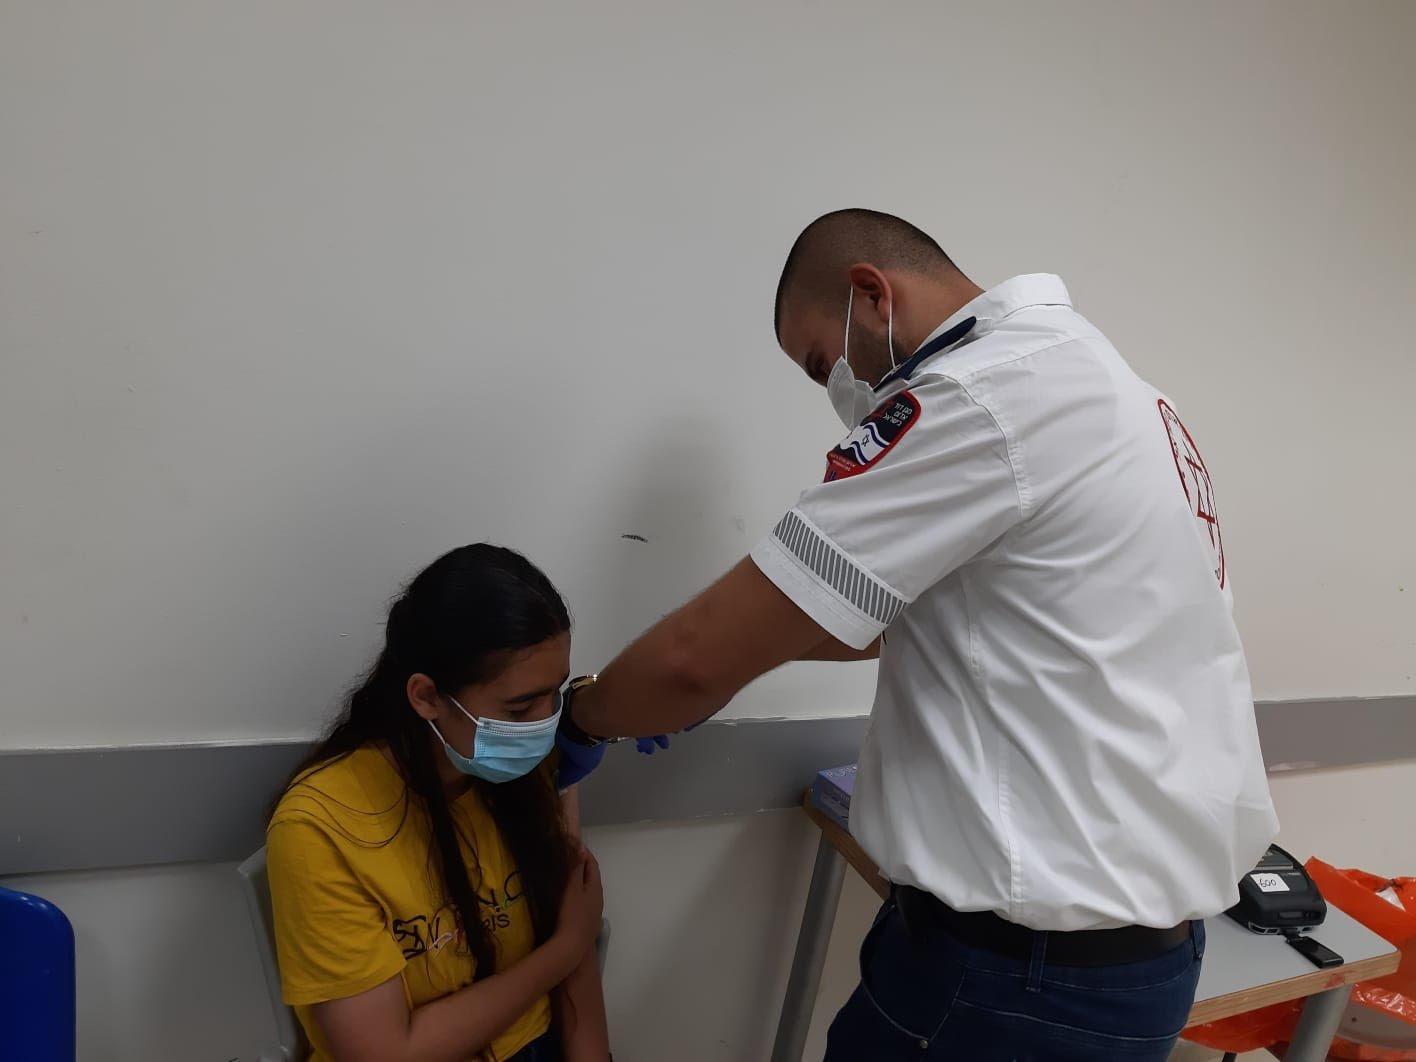 ام الفحم: حملة تشجع المواطنين على التطعيم وخاصة جيل الشبيبة من الـ 12- 16-5